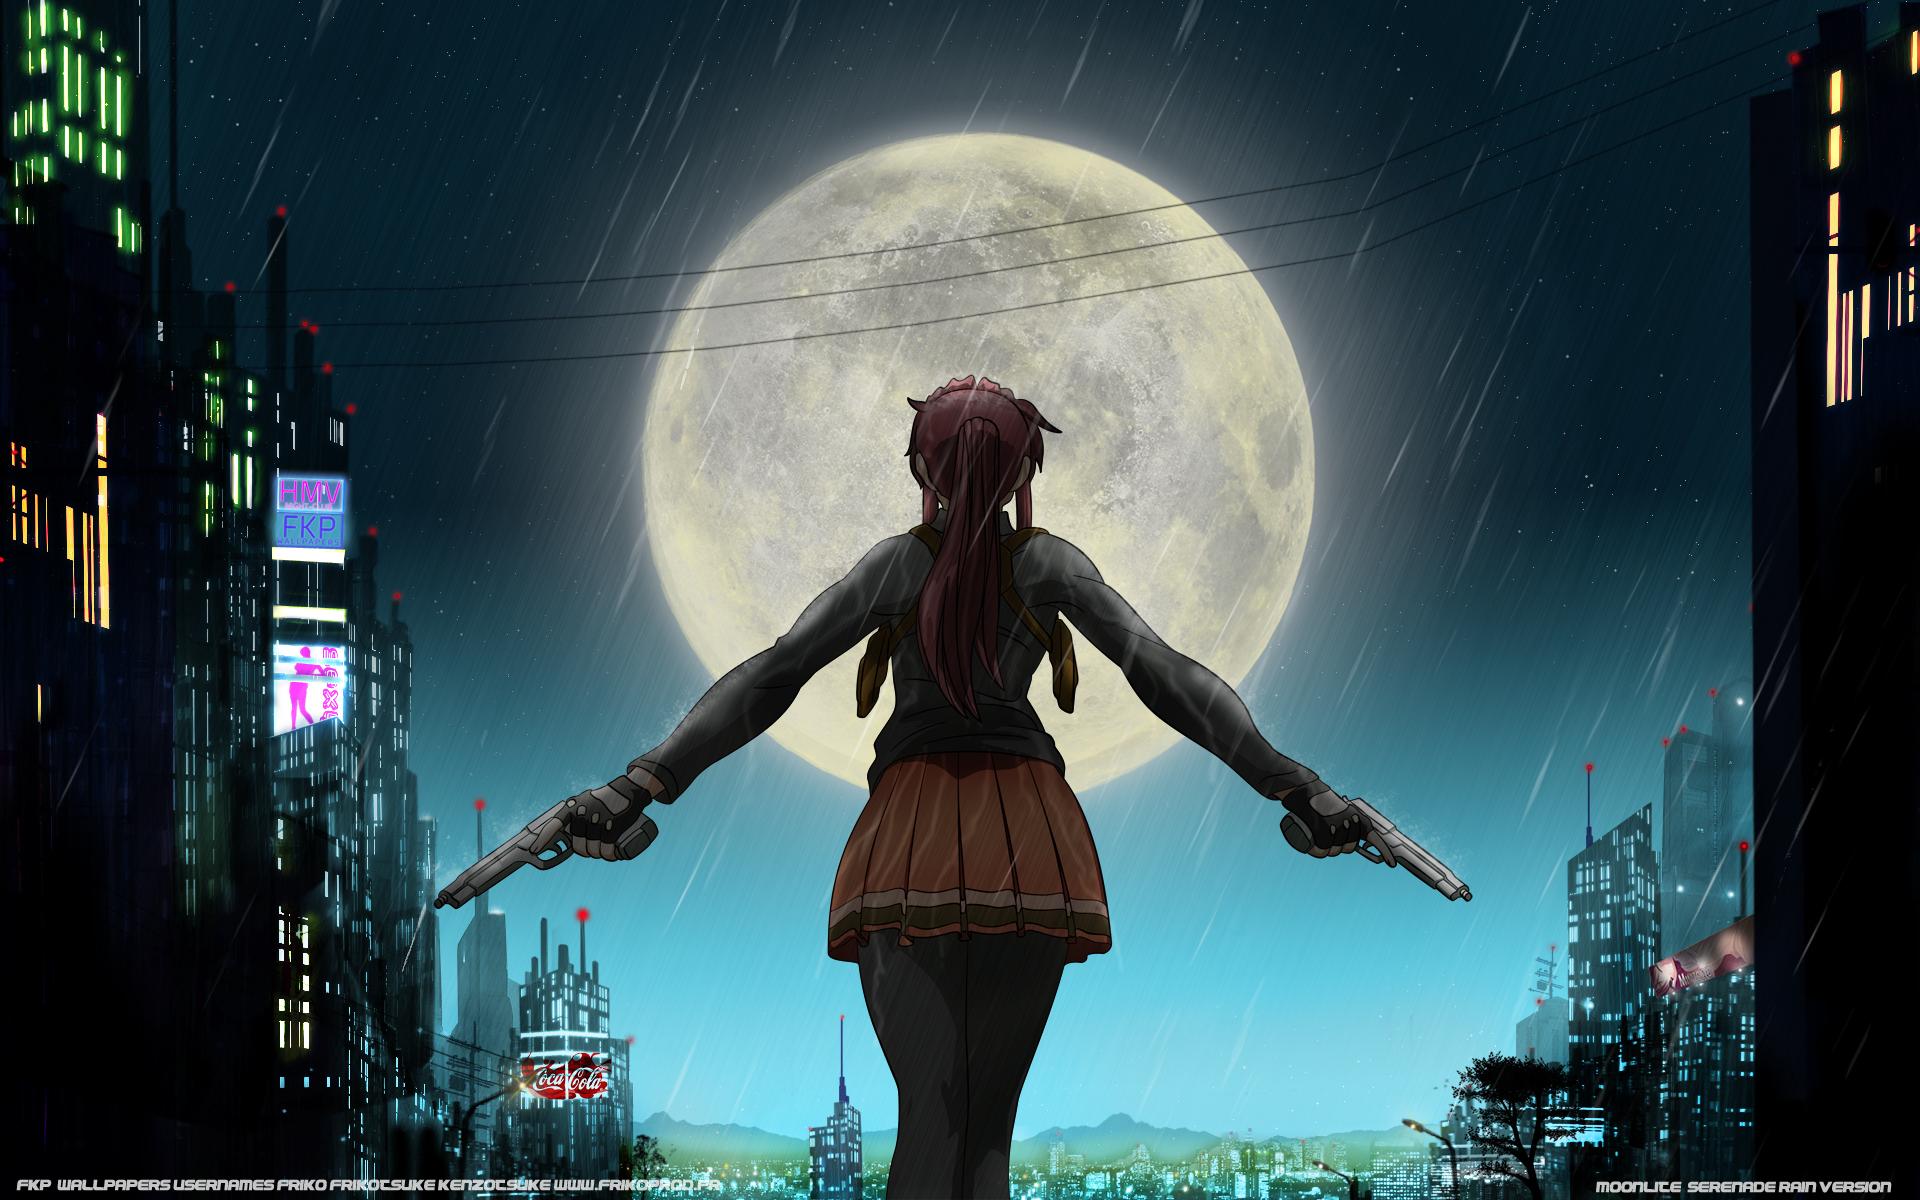 ブラックラグーン月